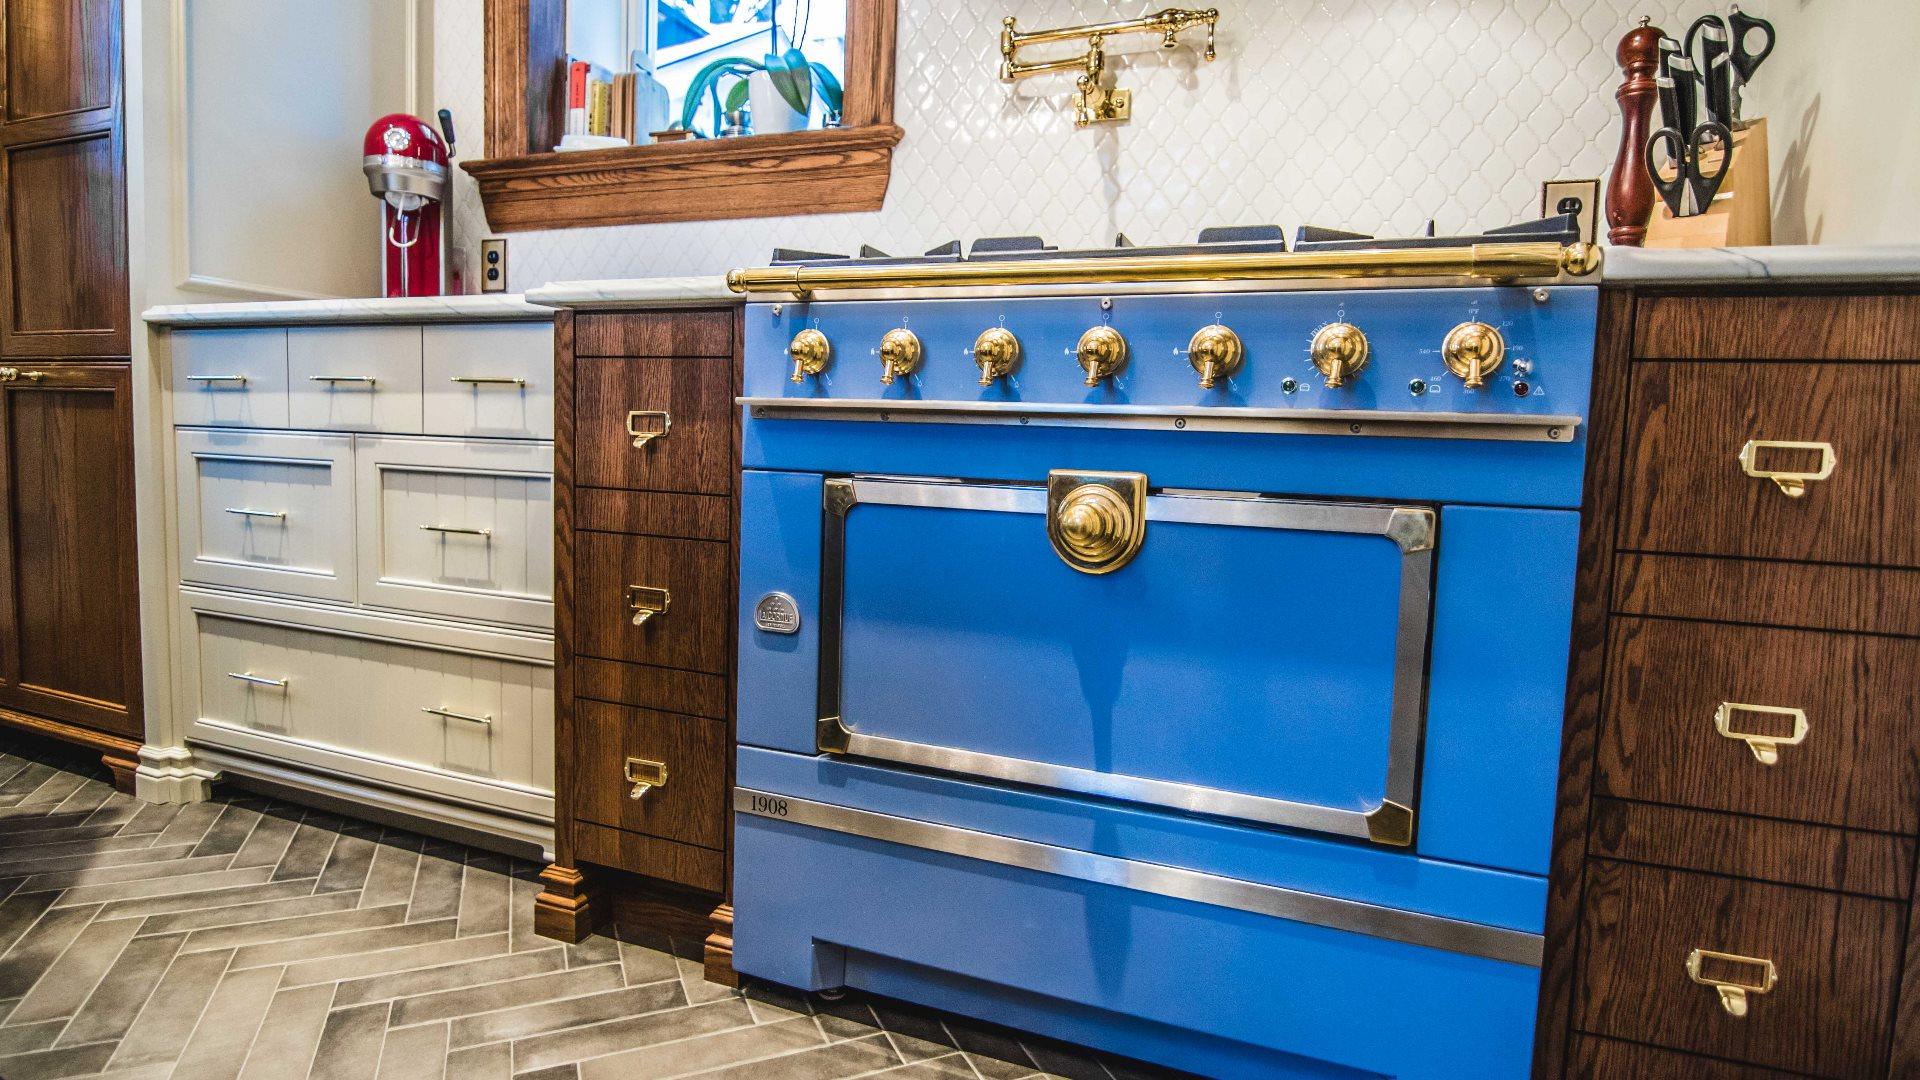 Four de couleur bleue intégrée dans une cuisine de style classique pour dynamiser l'ensemble.